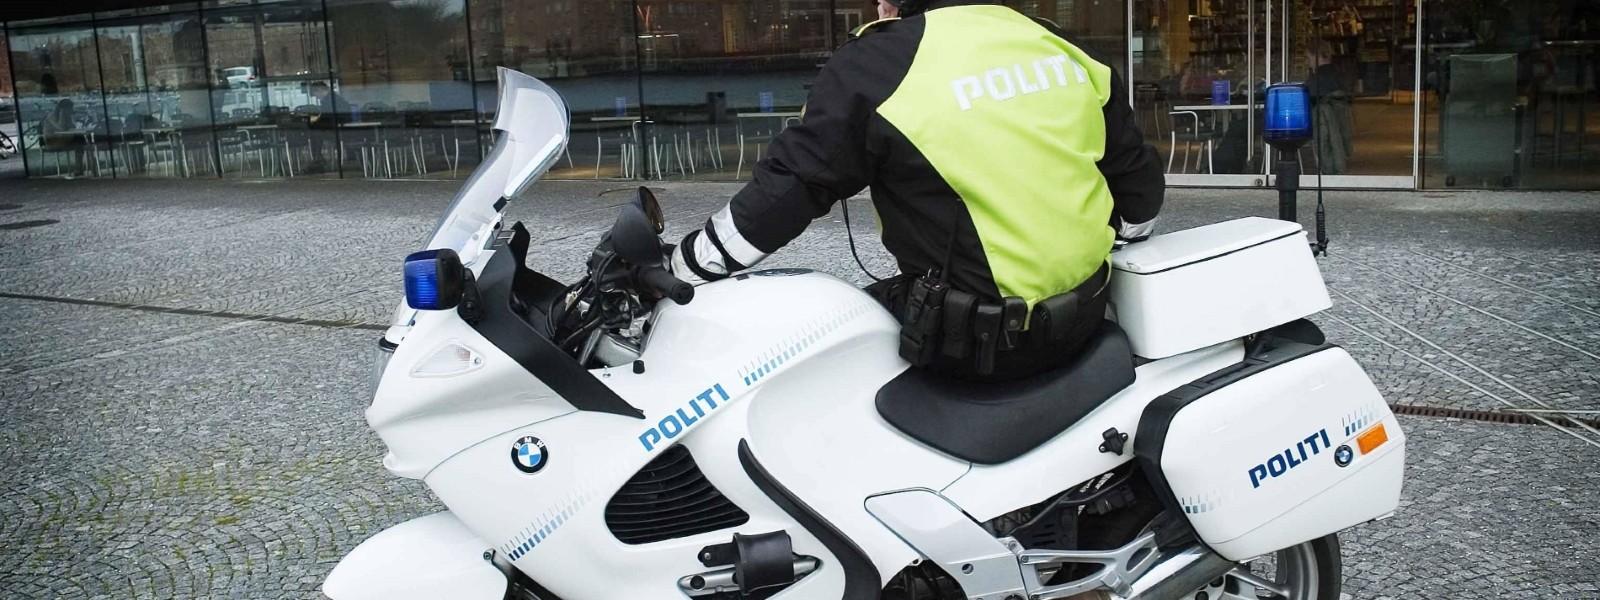 WOTDAY - Hjælp til at bestå Polities fysiske optagelsesprøve 2